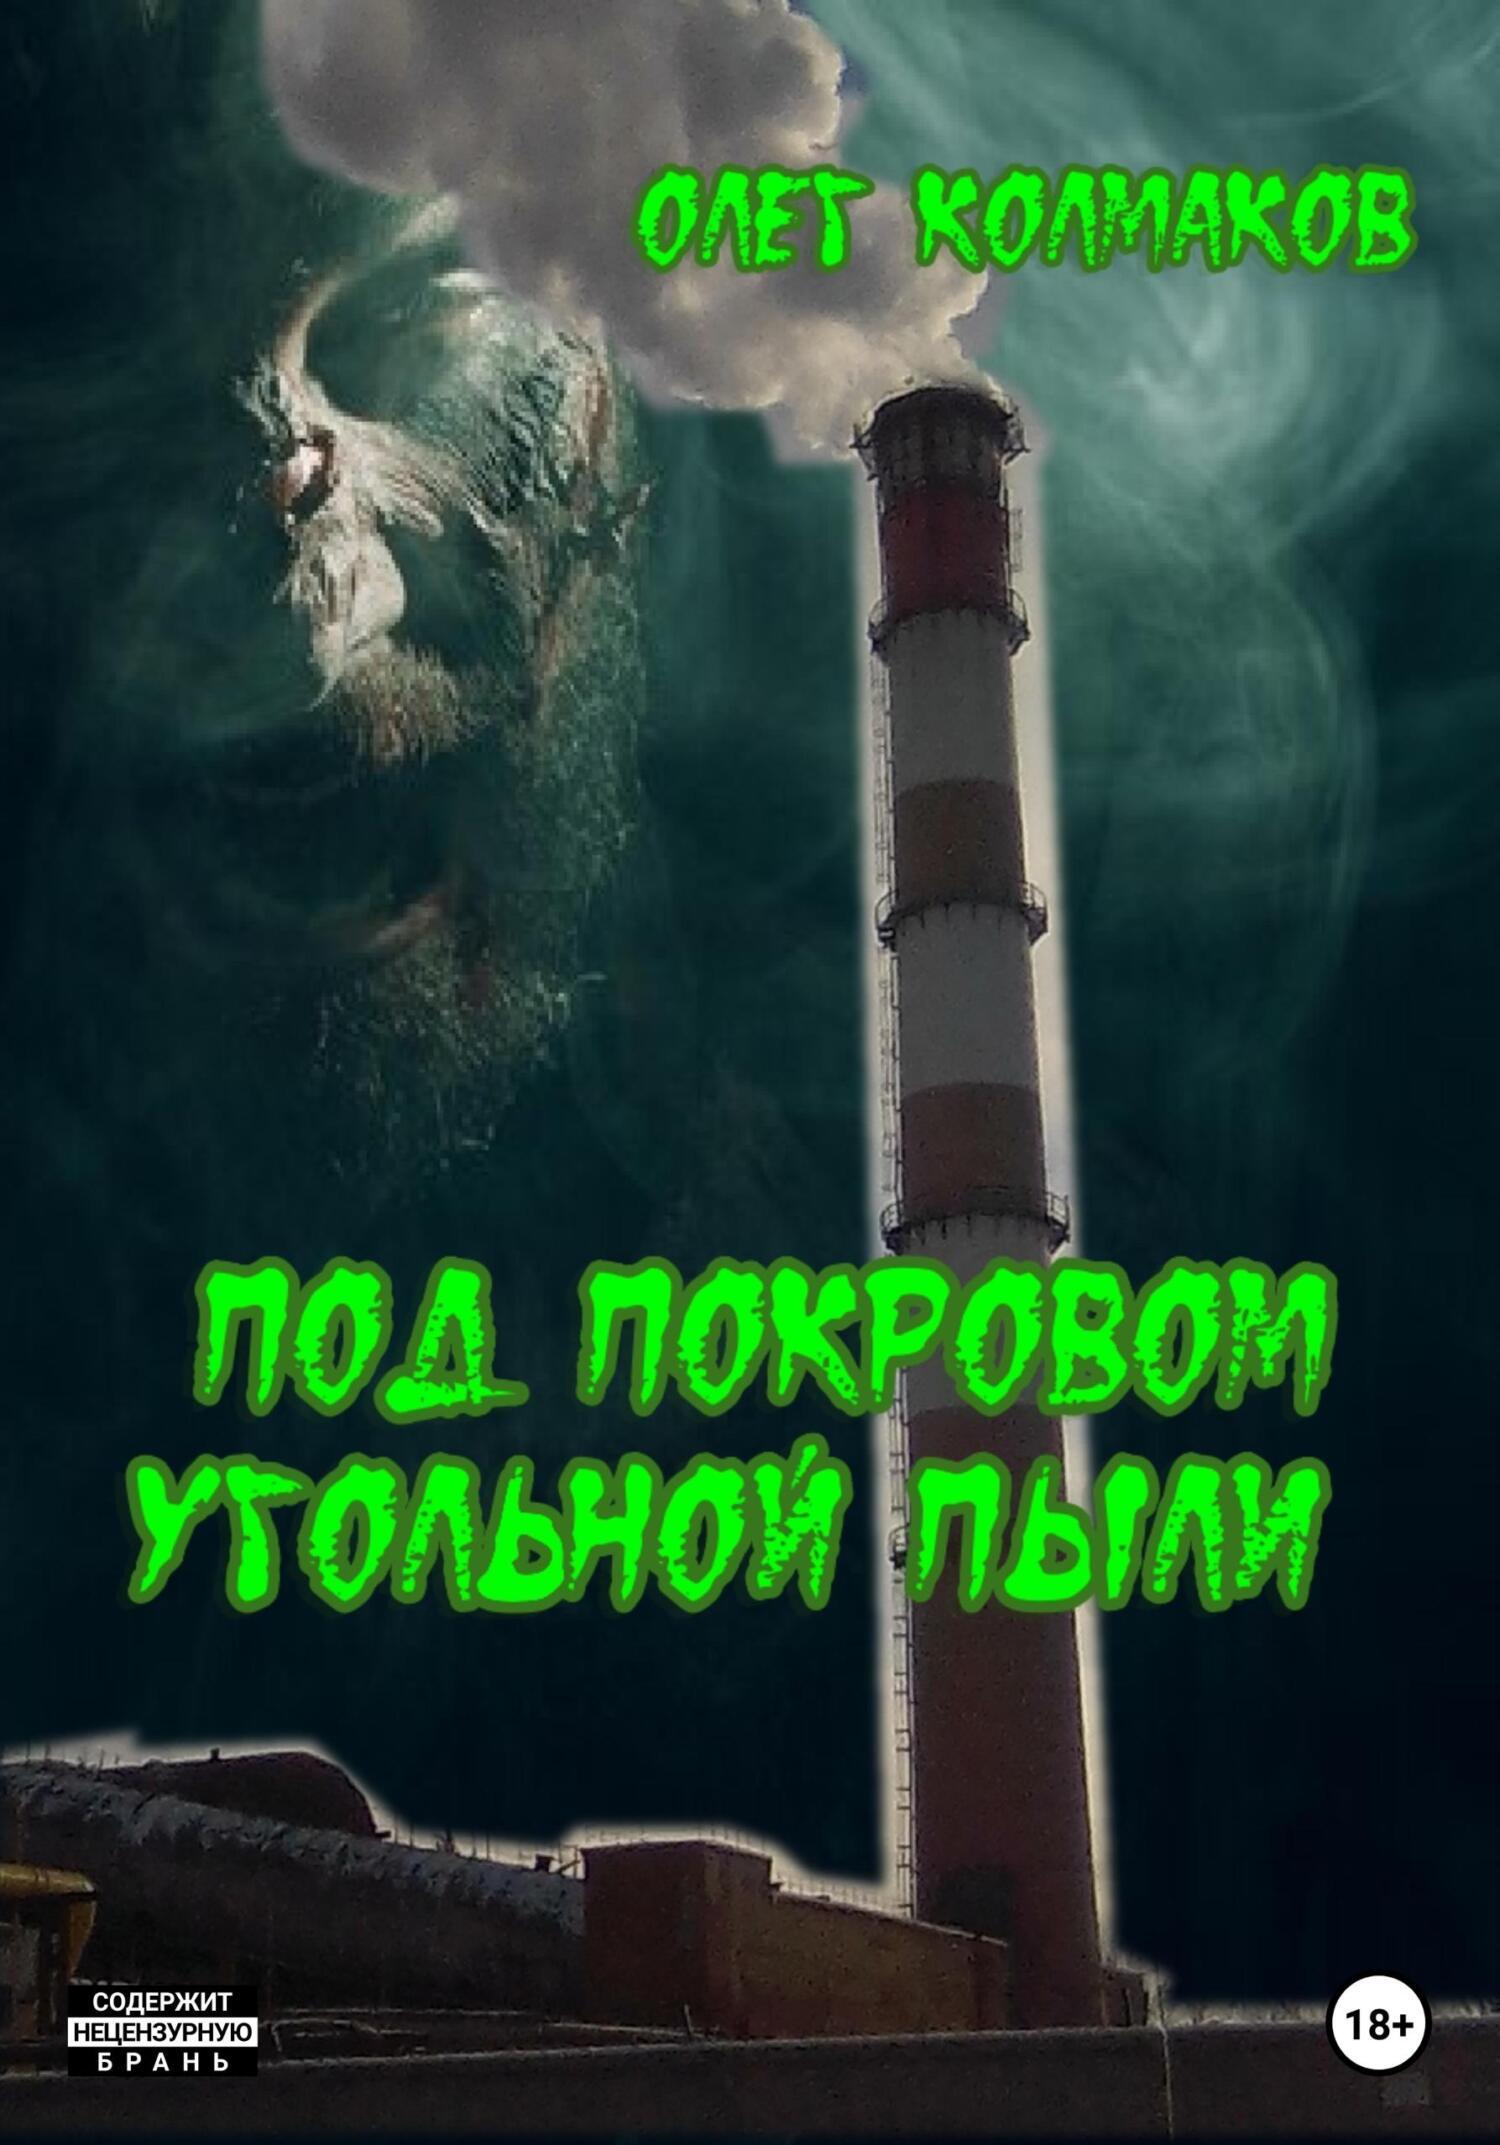 Олег Колмаков Под покровом угольной пыли цена